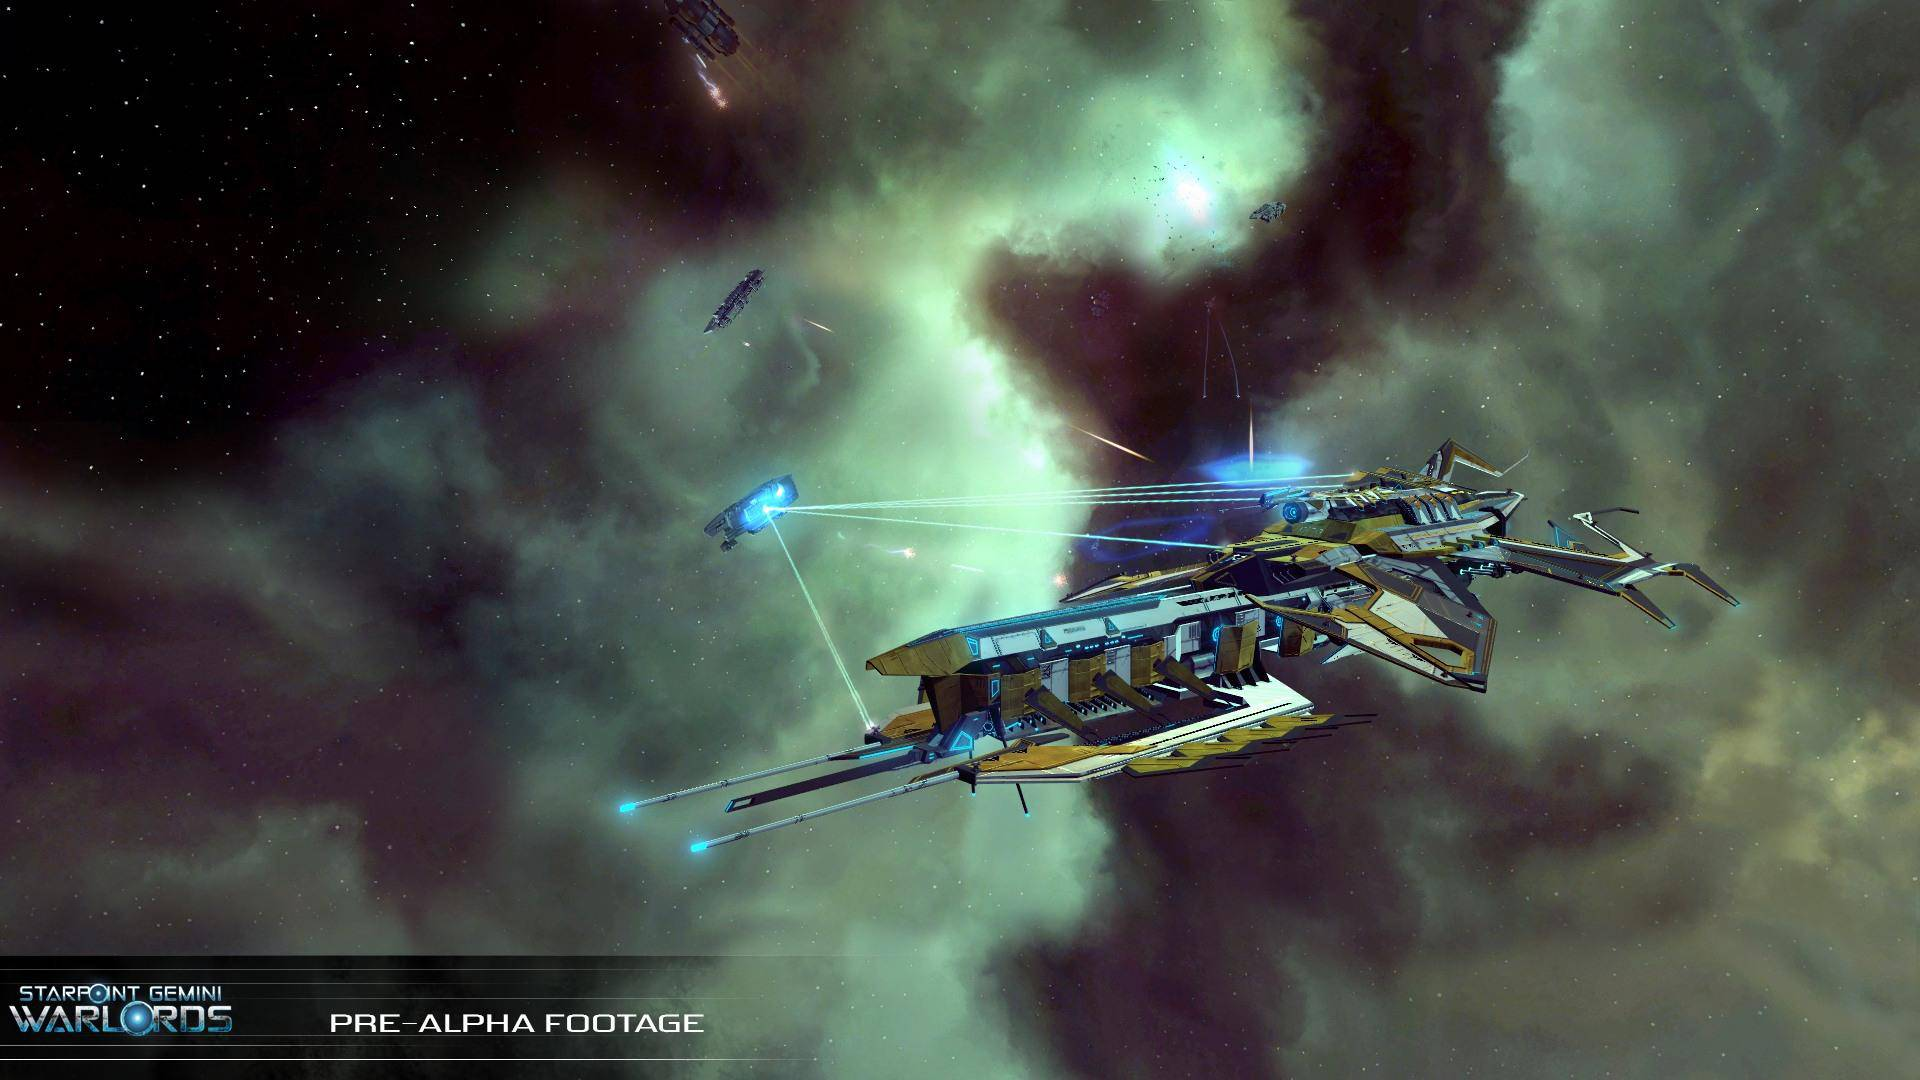 Starpoint Gemini Warlords će dobiti najveću ekspanziju ikada